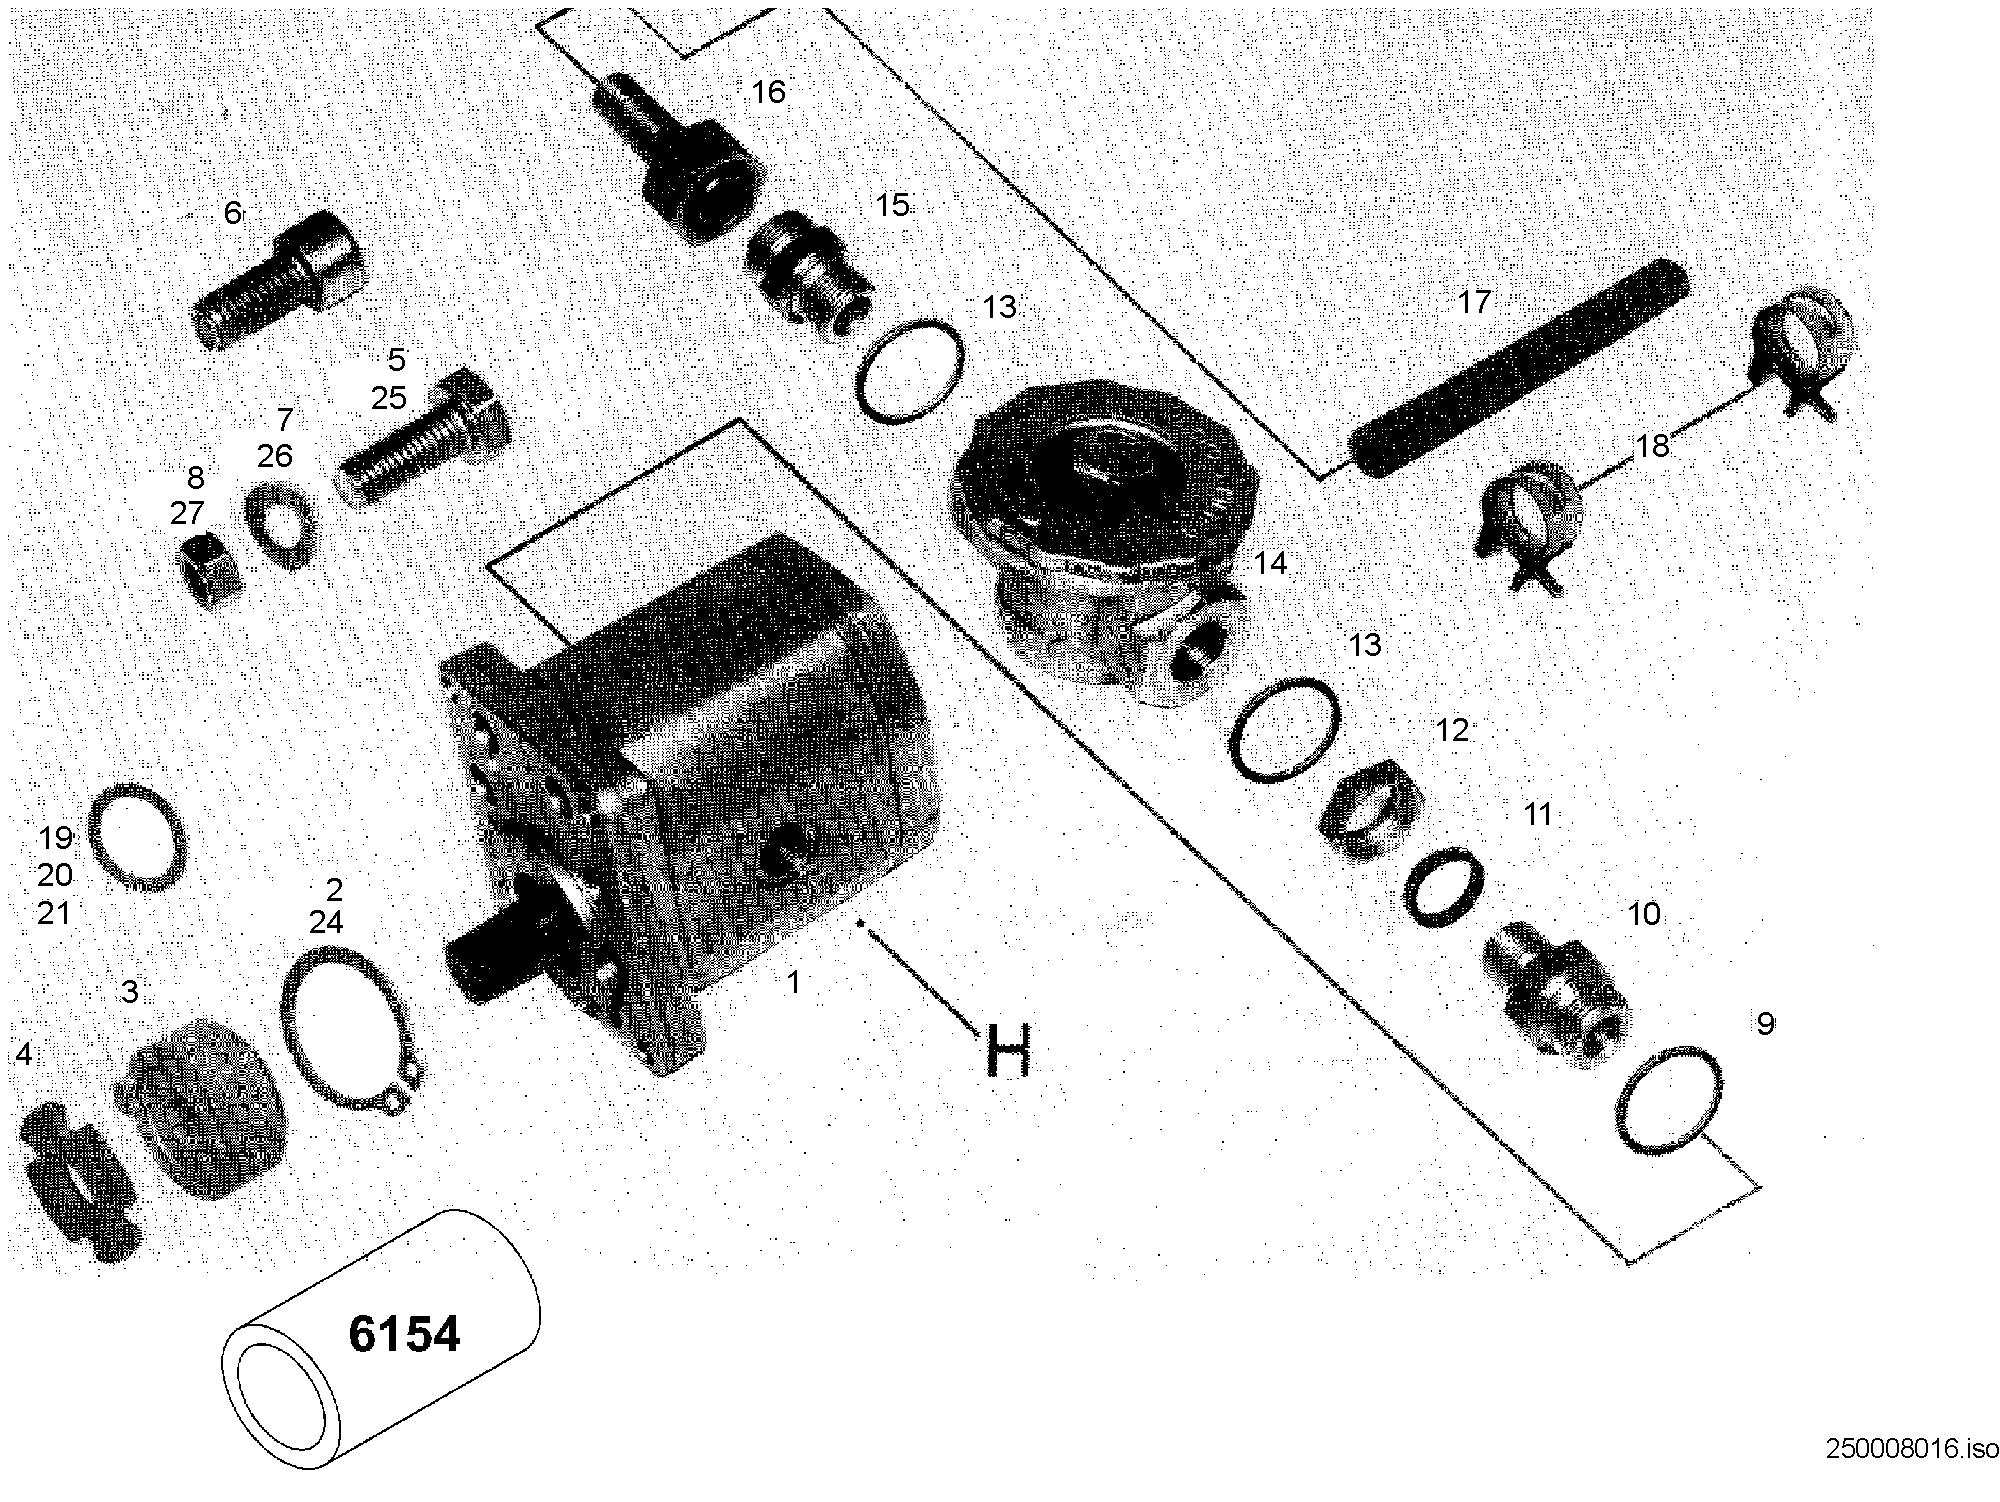 image025lhRedDJsZazO1